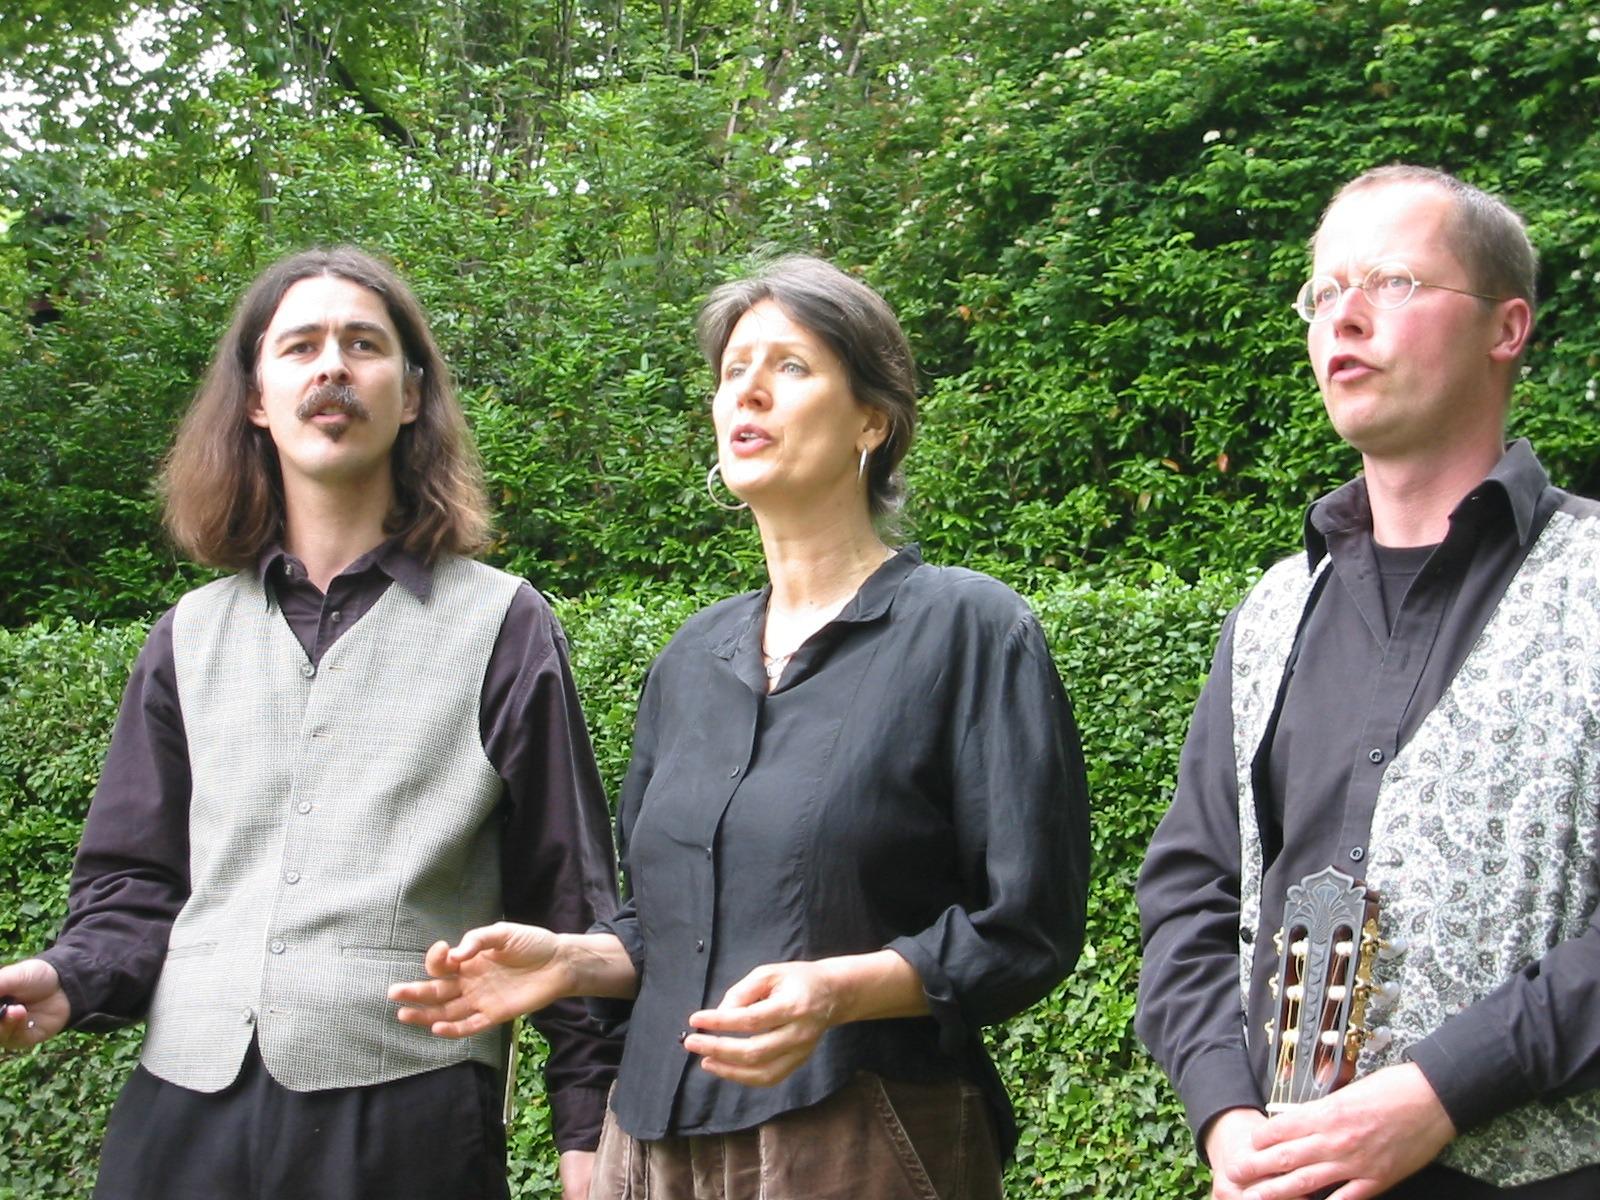 Sommerfest des Göschenhauses in Grimma 2005 mit Ilona Schlott und Thomas Prokein